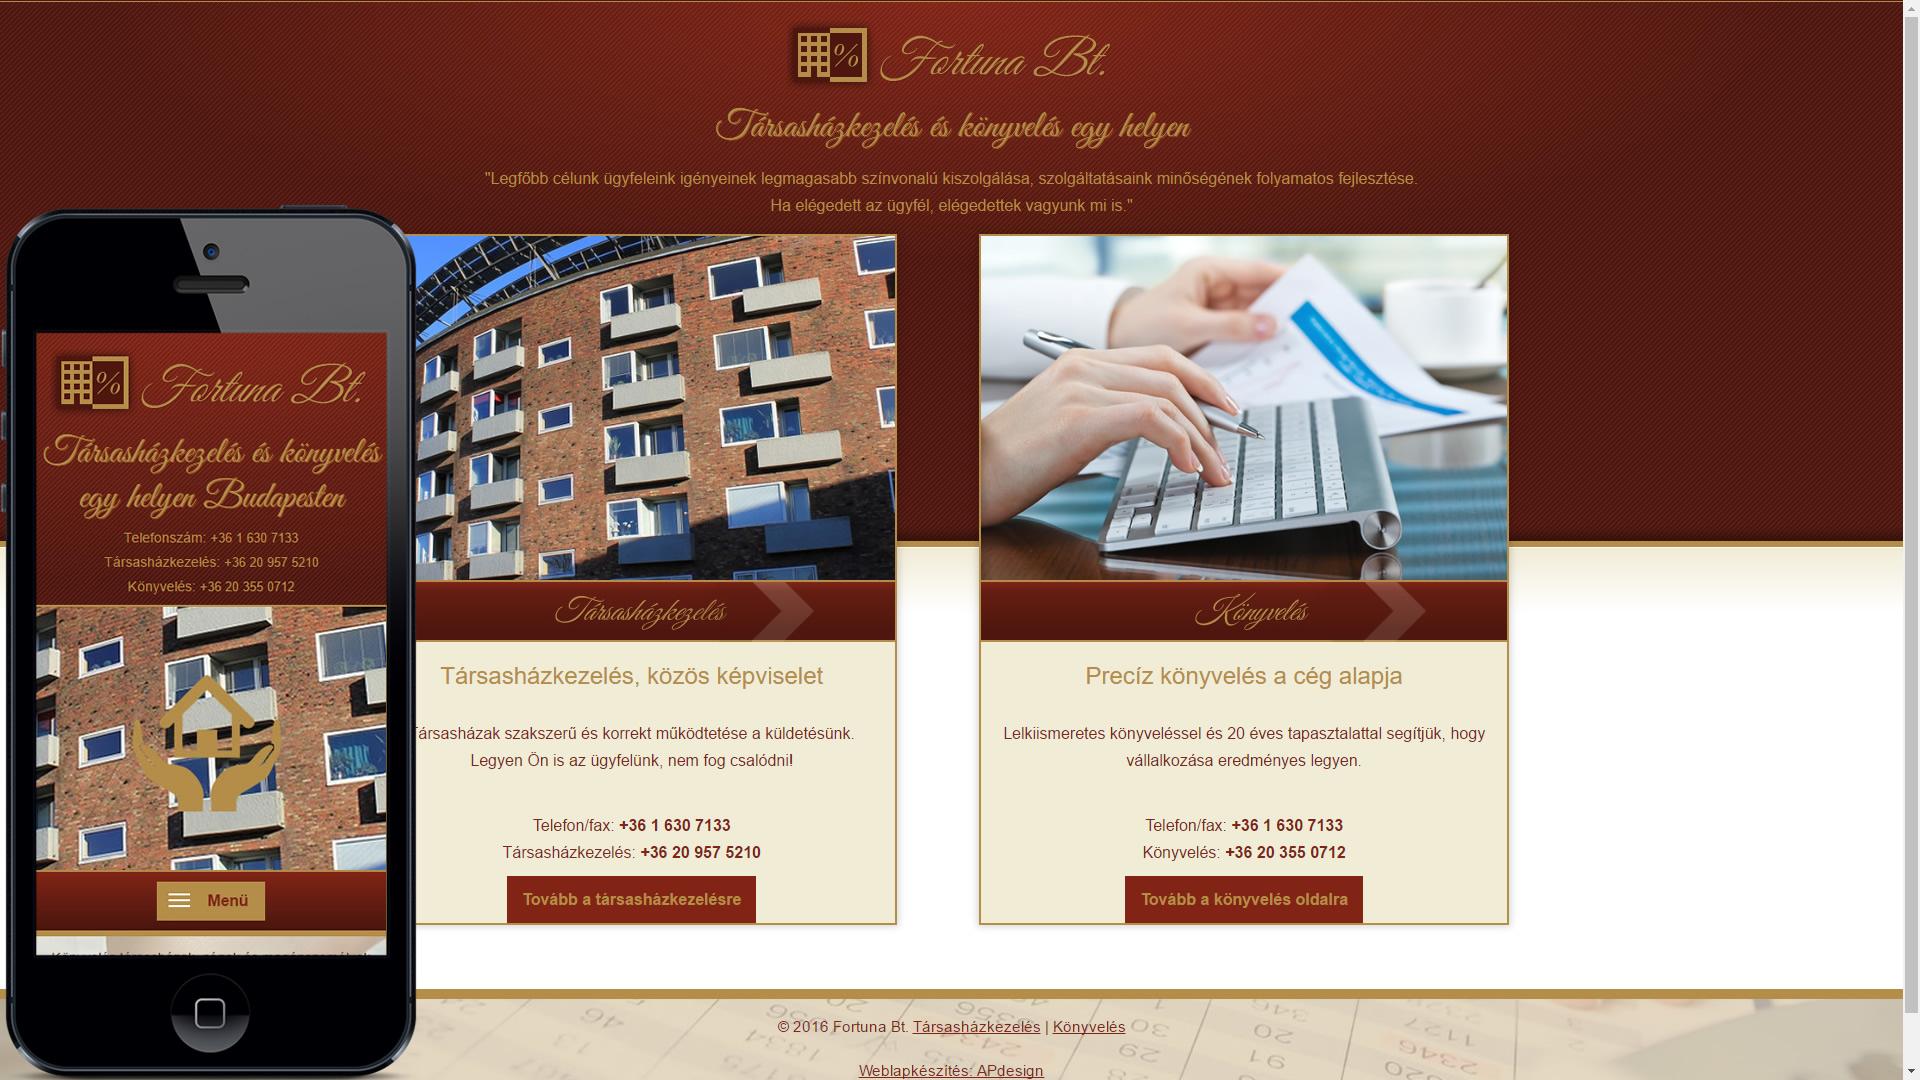 mobilbarát weboldal készítés, responsive weboldal készítés a társasházkezelő könyvelő részére